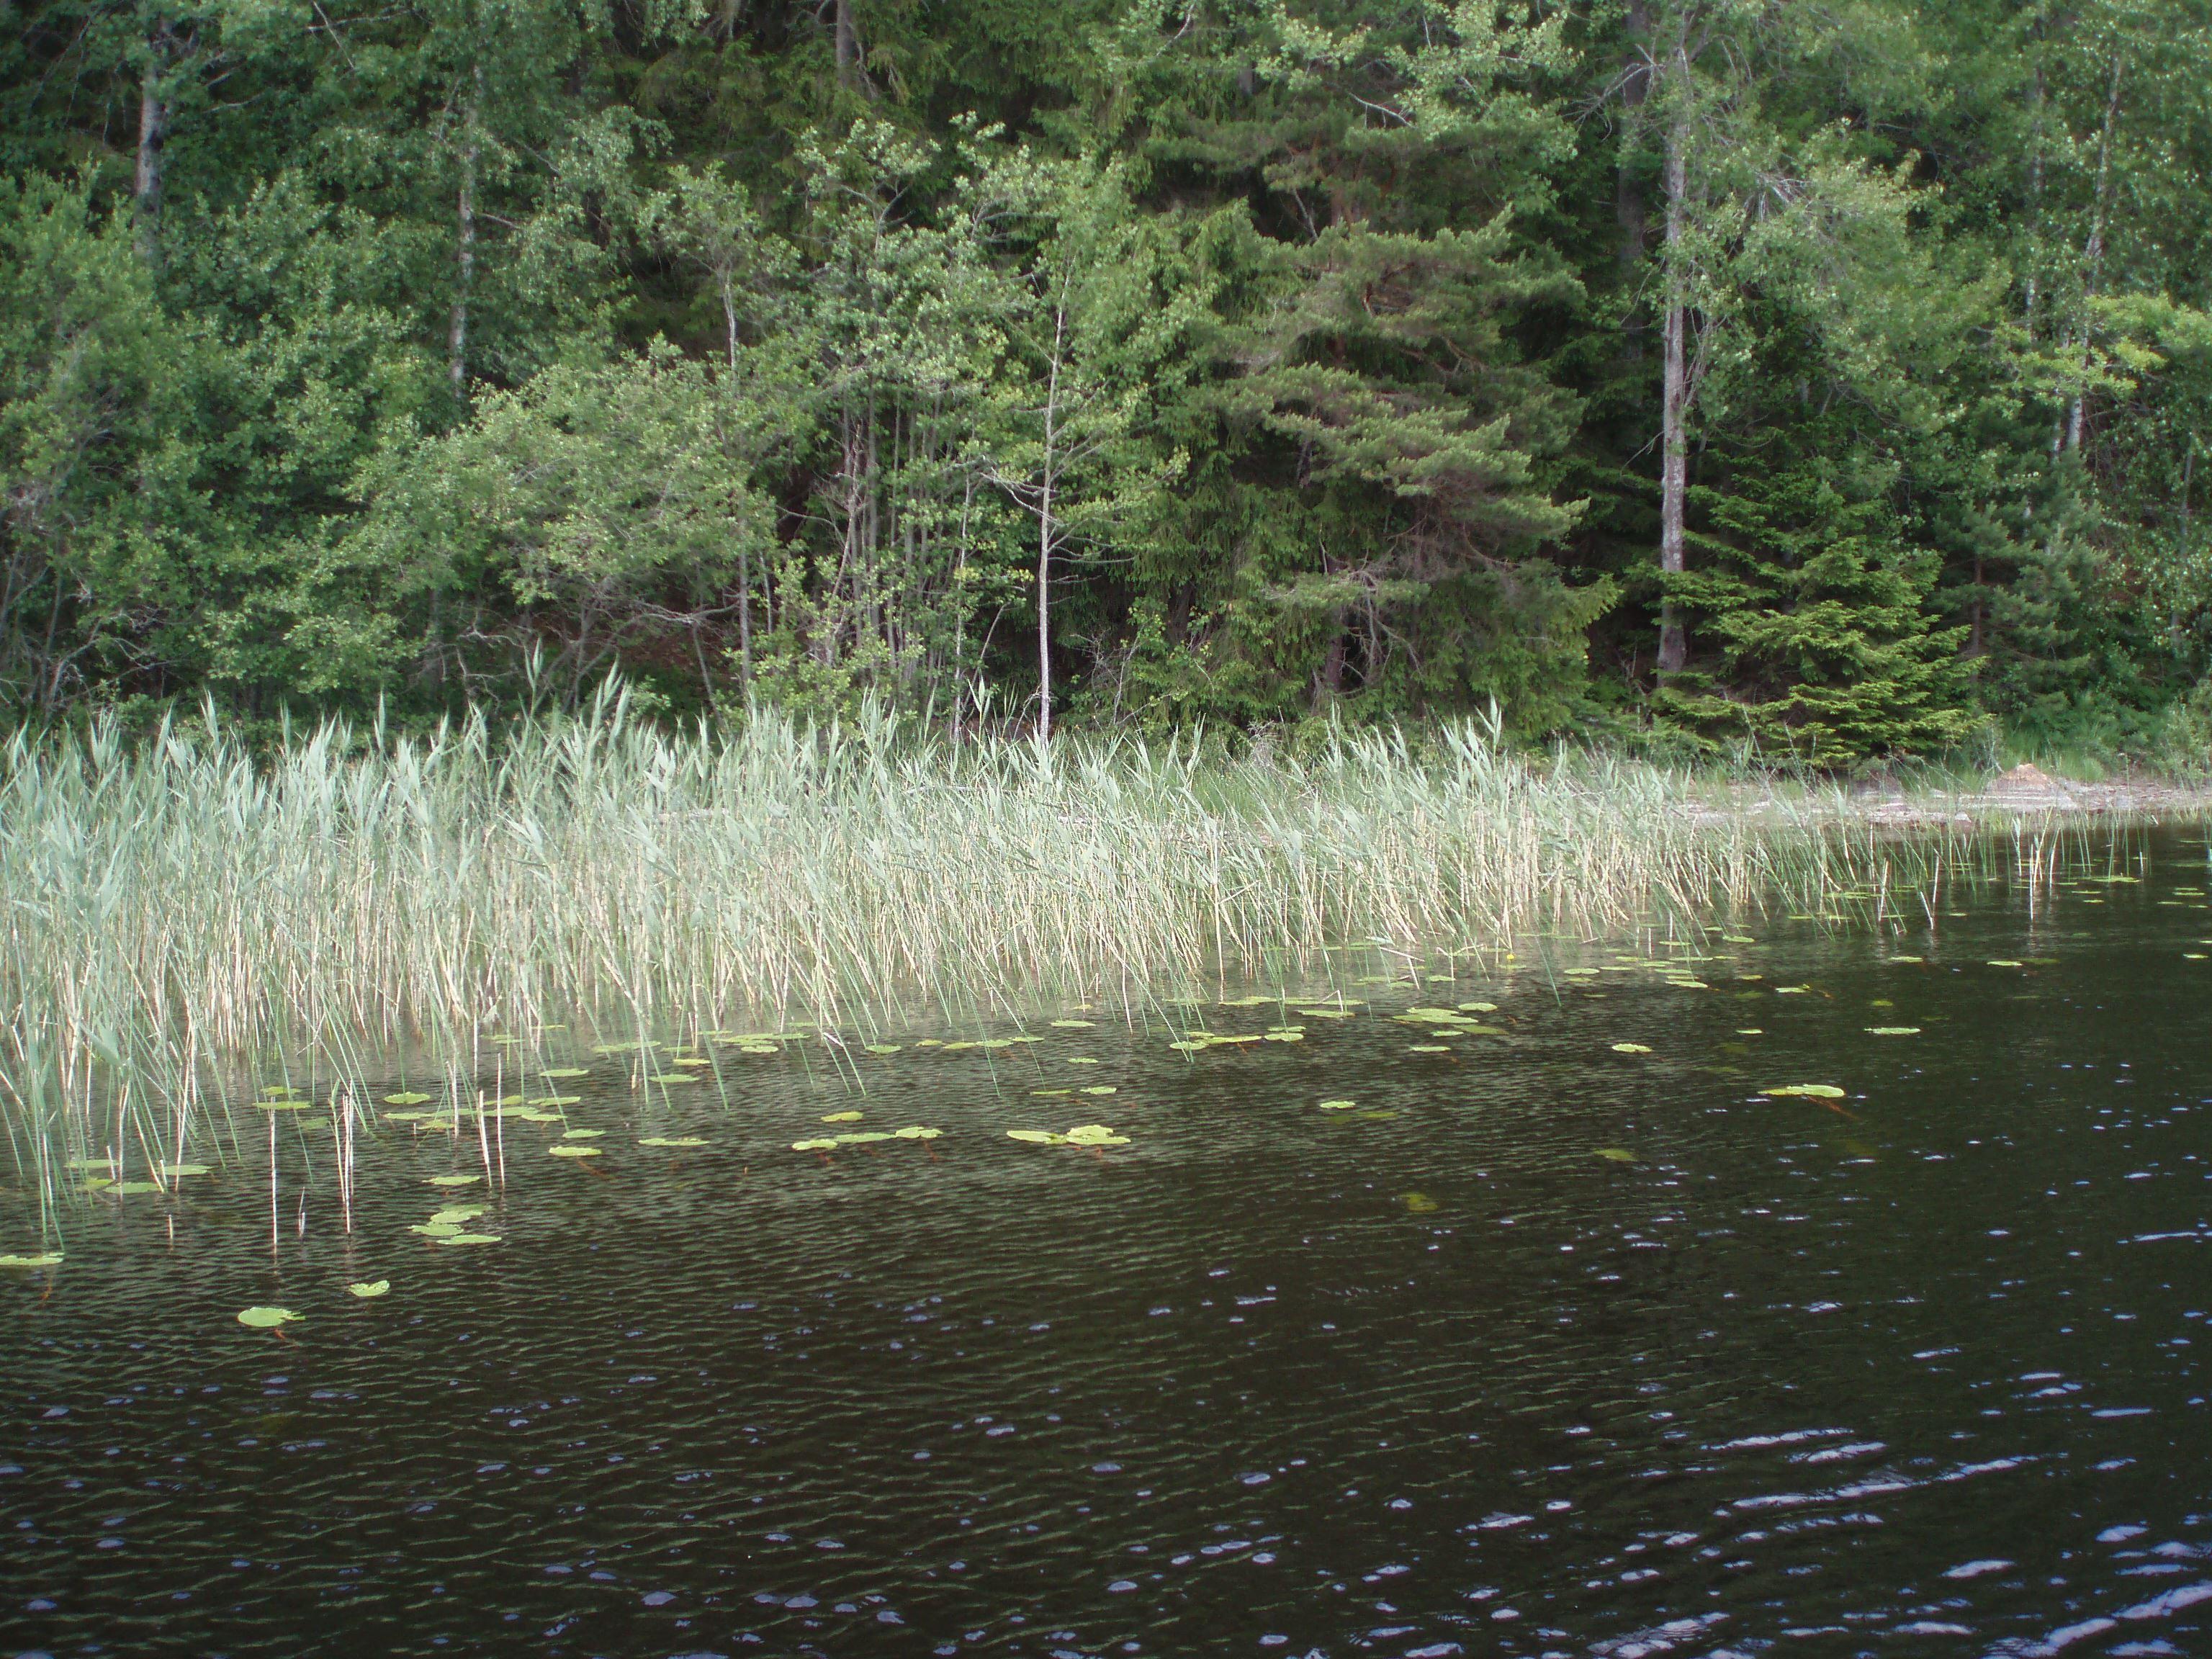 © T.N, Södra Kornsjön bra gäddfiske i Dals Eds kommun.